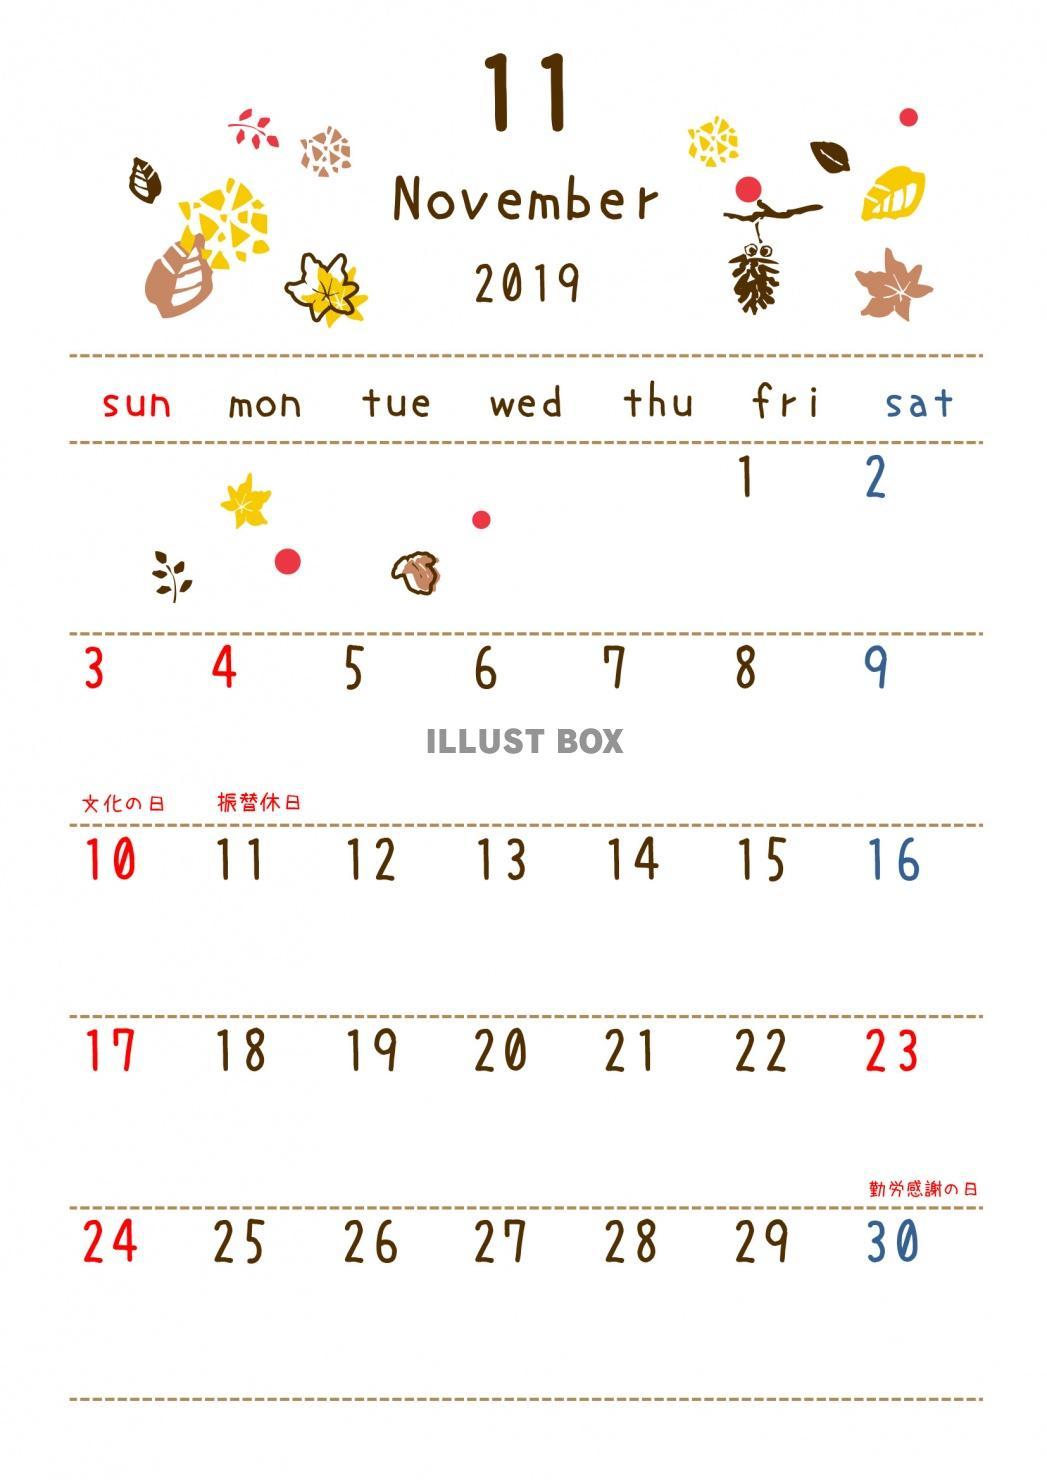 無料イラスト 19年11月 カレンダー 季節の落書き